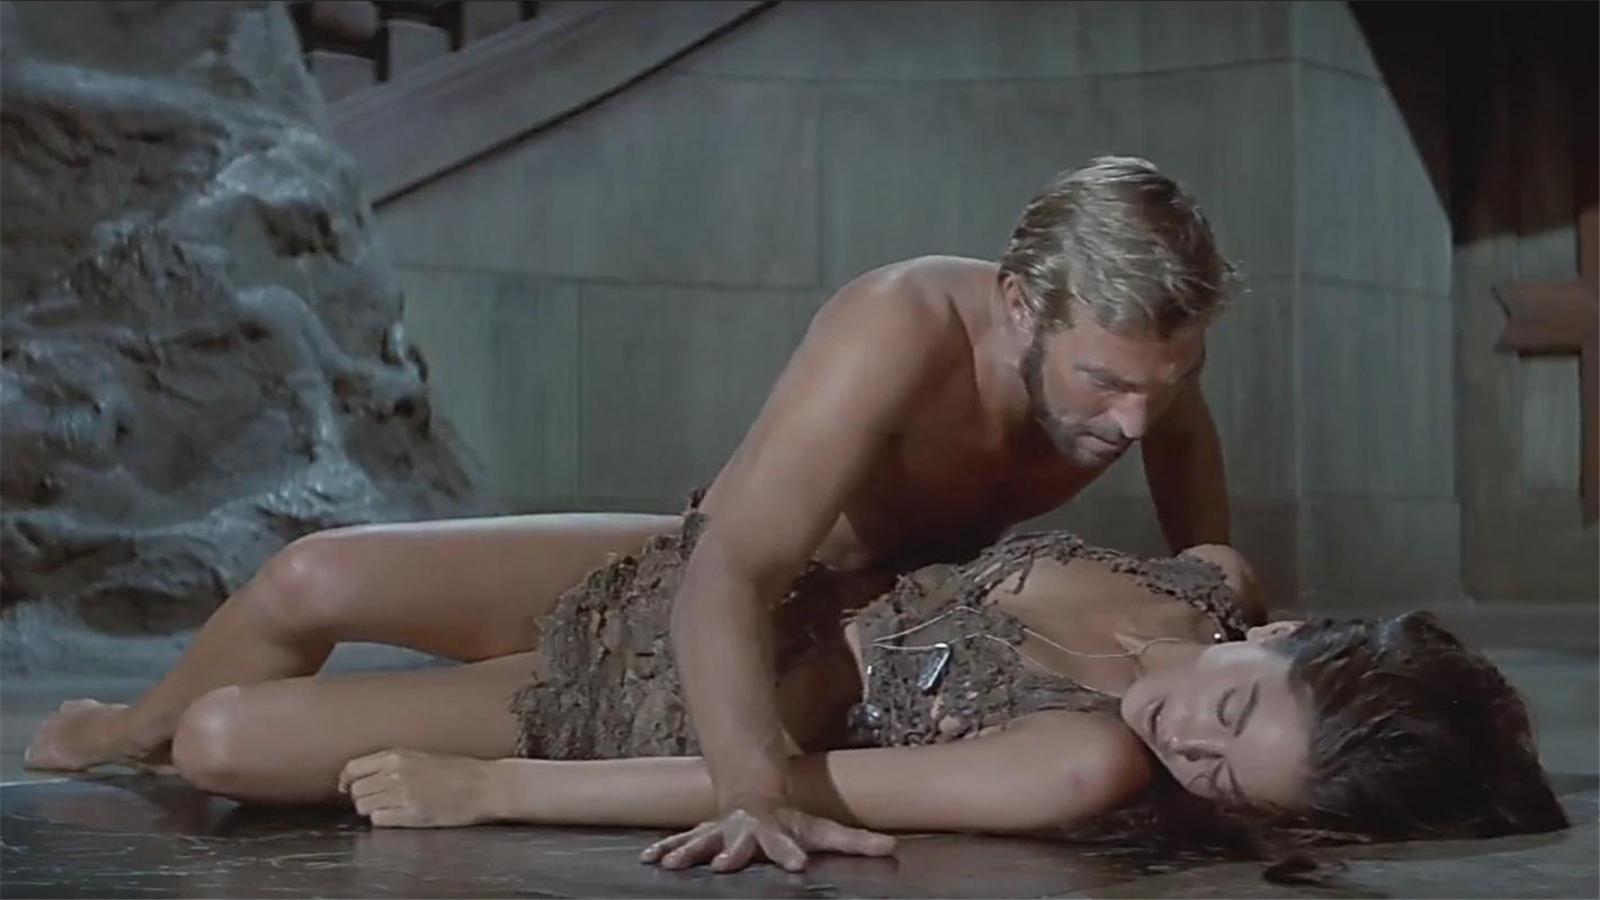 #经典看电影#男子穿越到2千年以后,被猩猩拿来做实验,还分配一个女友